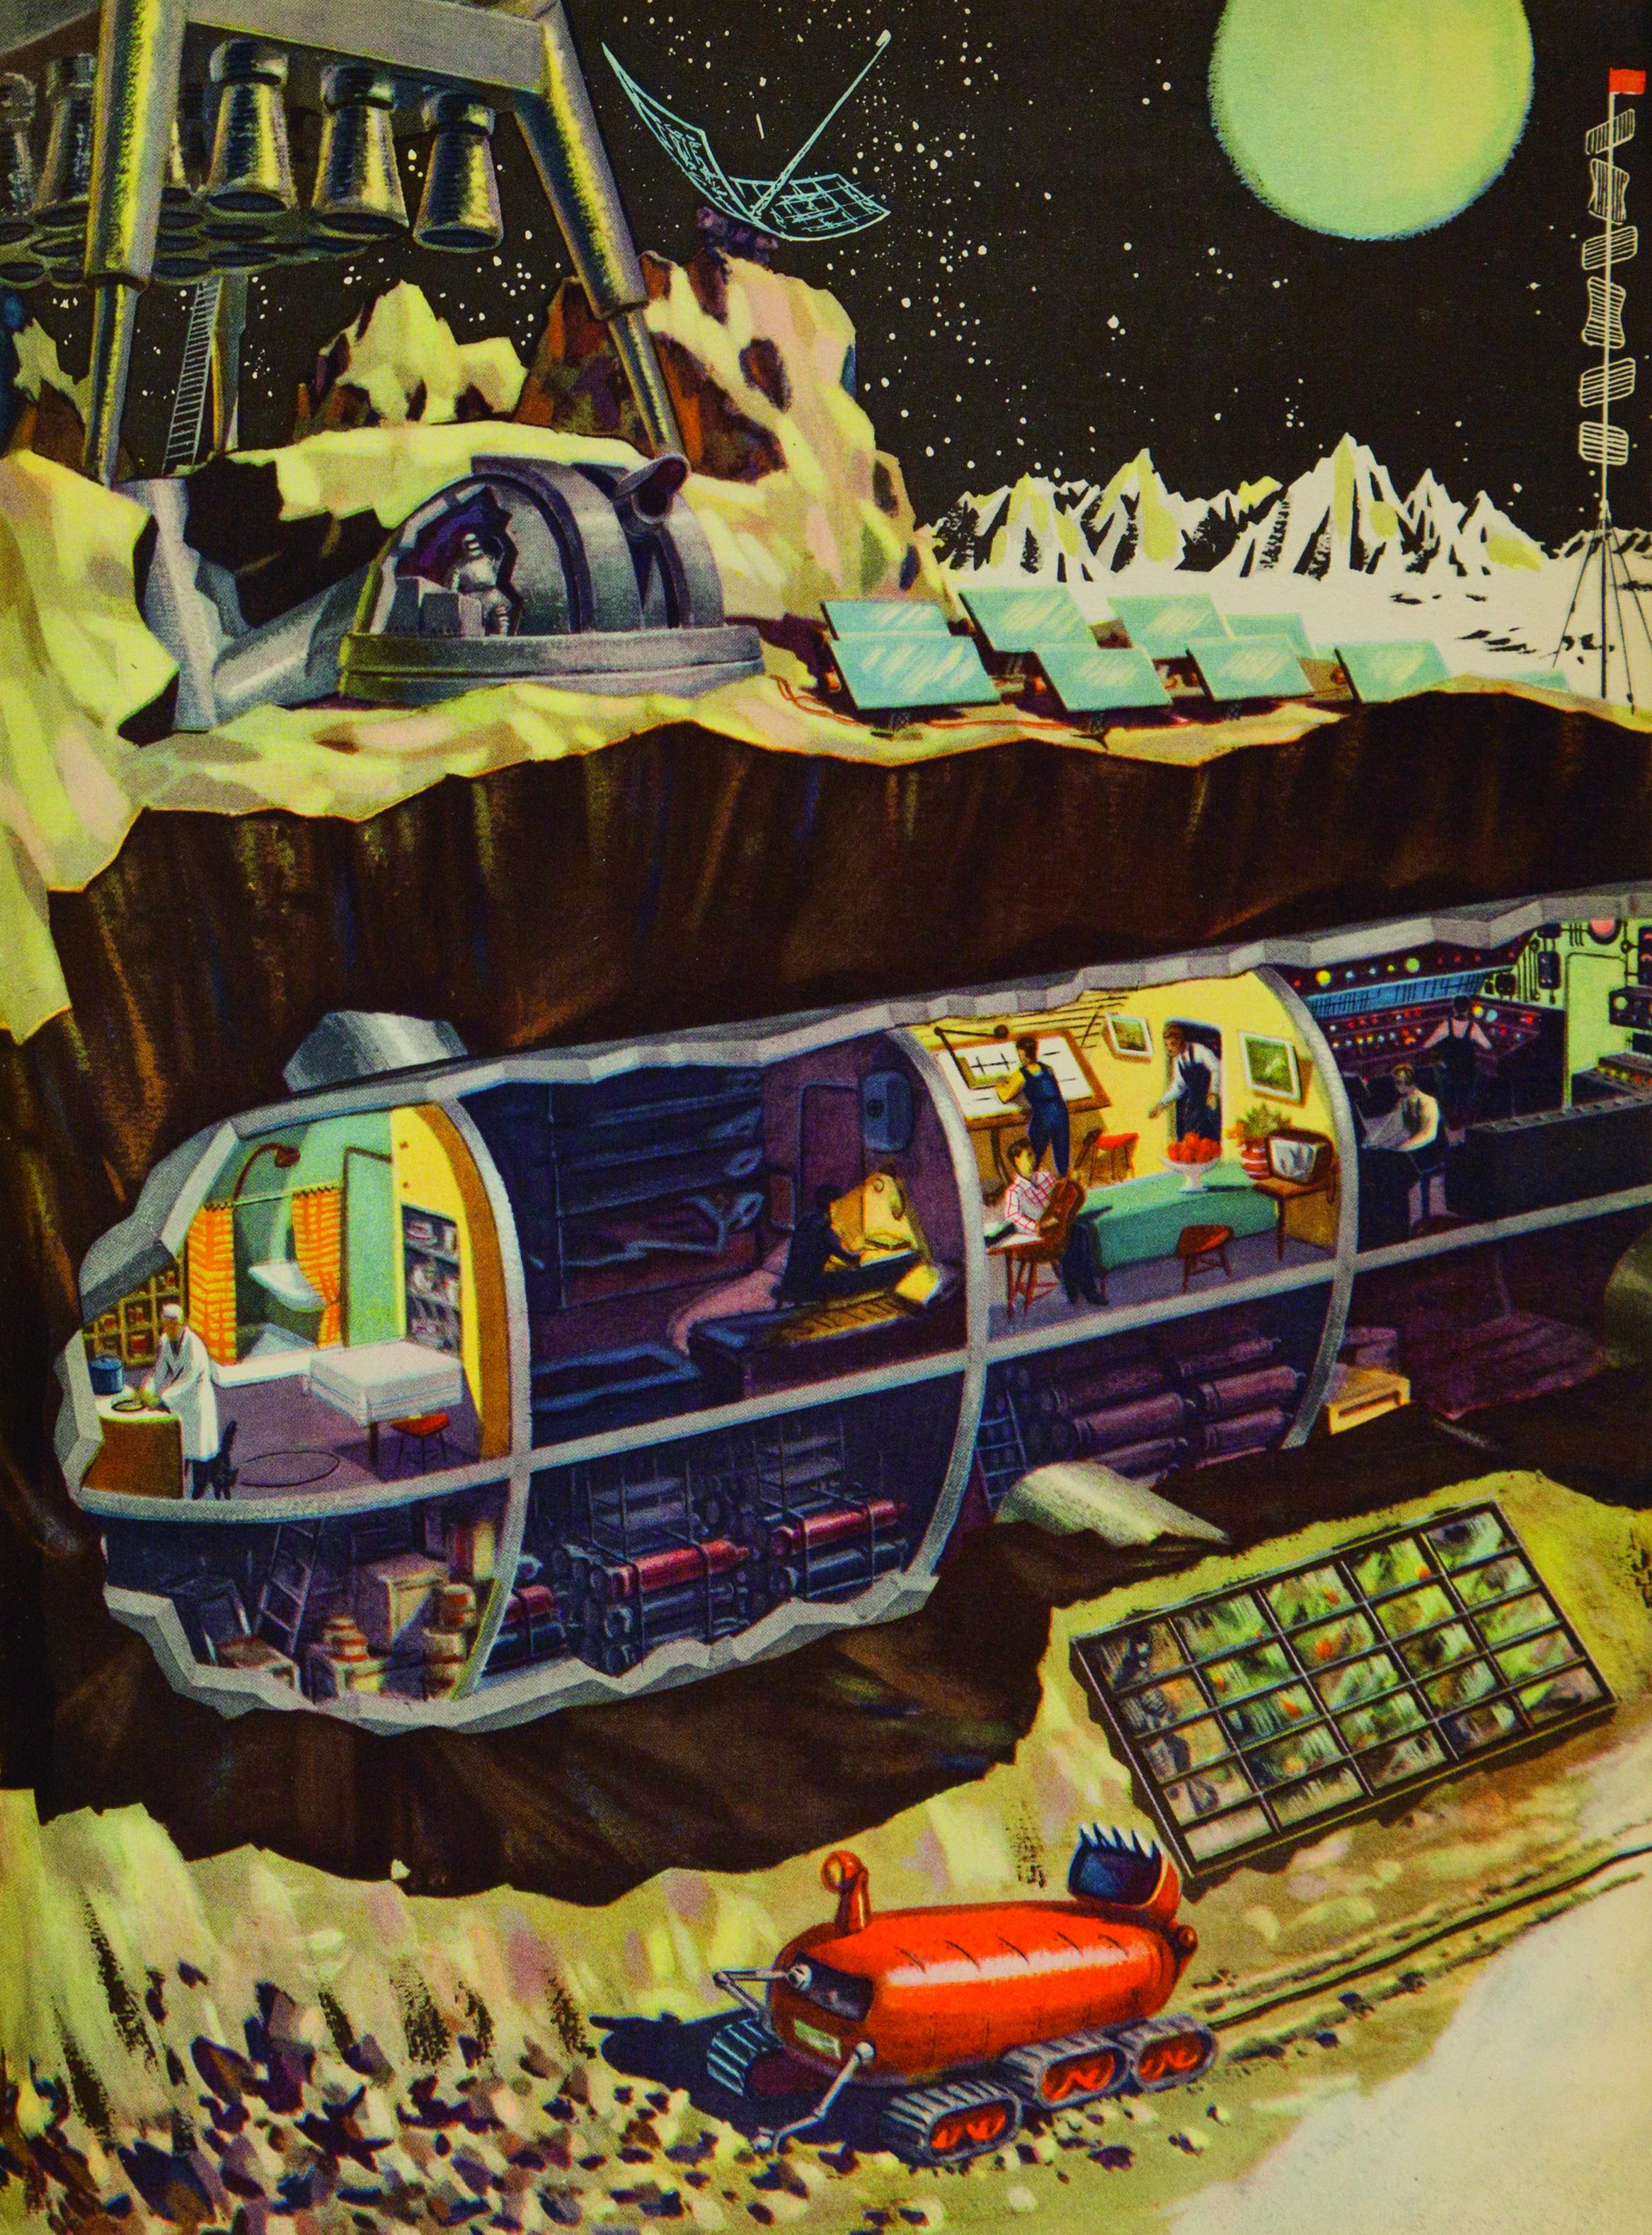 educate-encourage-dream-popular-science-in-the-soviet-space-age-ORIG (1).jpg